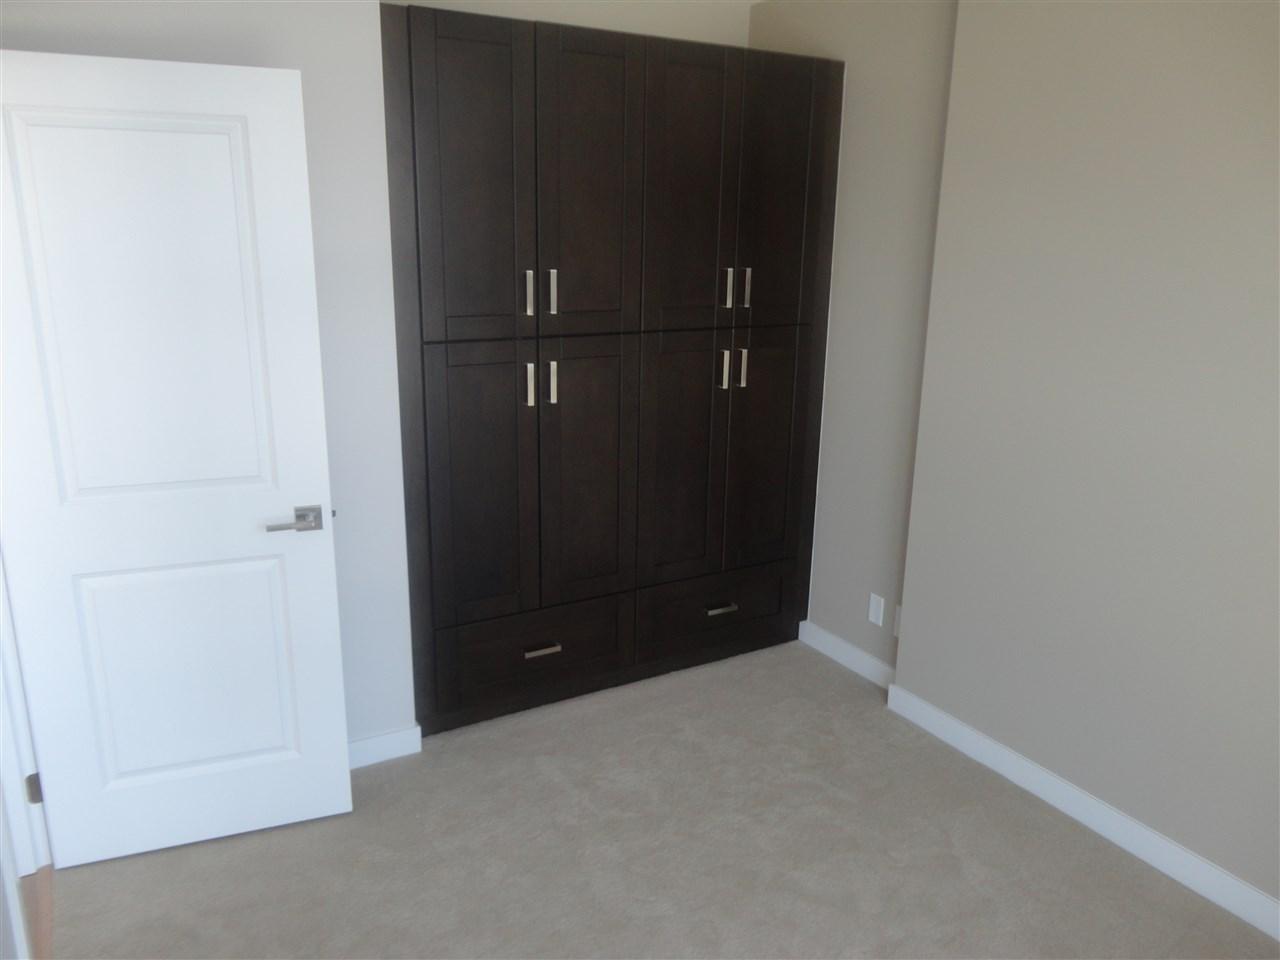 Condo Apartment at 1503 11941 80 AVENUE, Unit 1503, N. Delta, British Columbia. Image 1